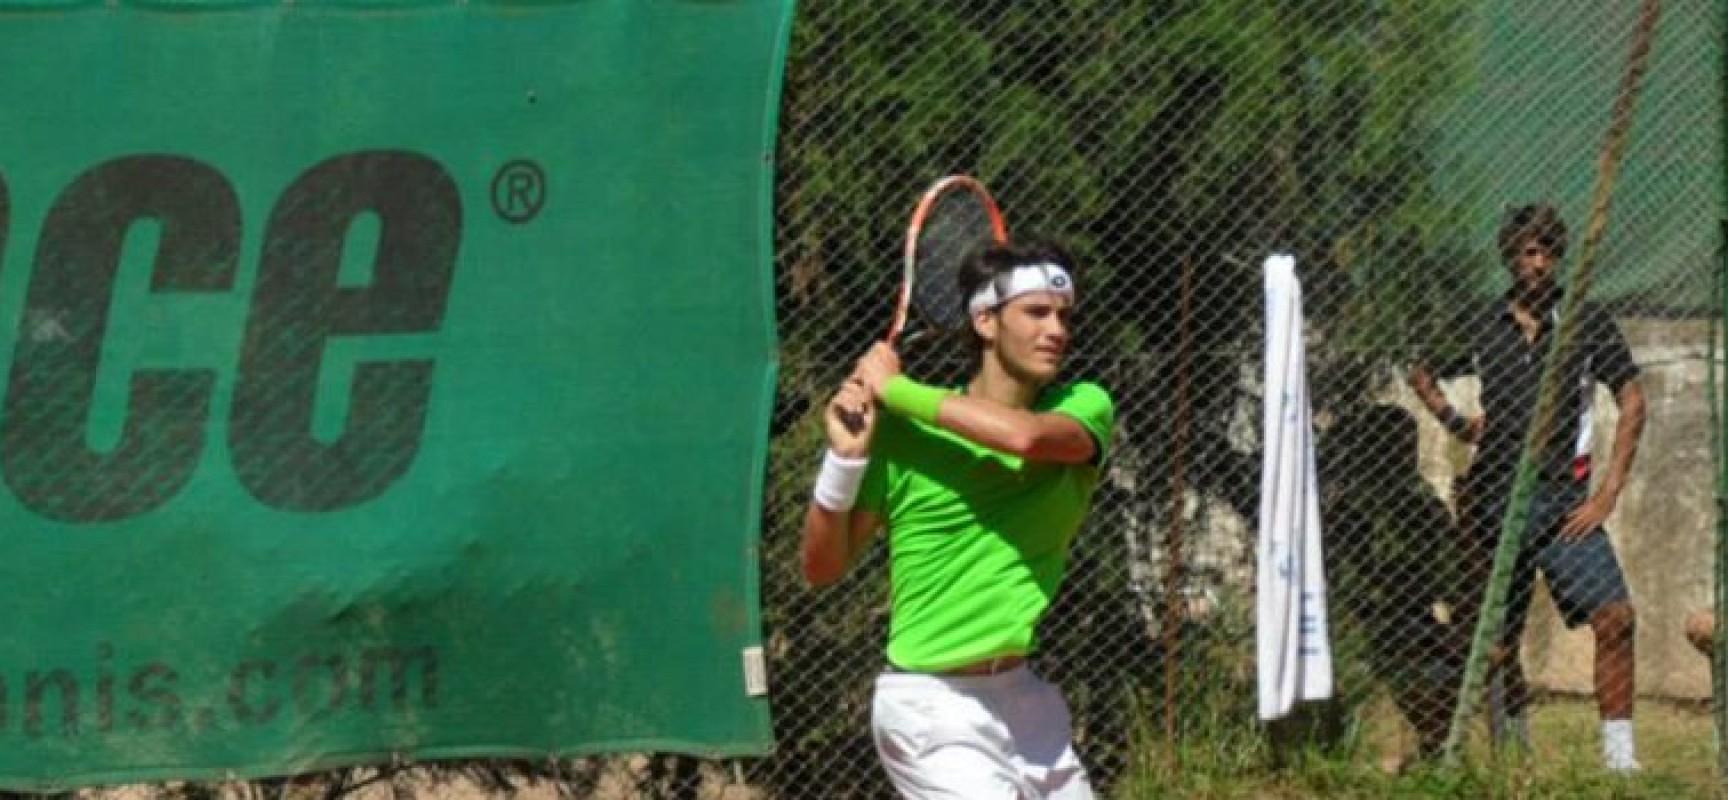 Troppo Chung per Pellegrino, eliminato a Wimbledon